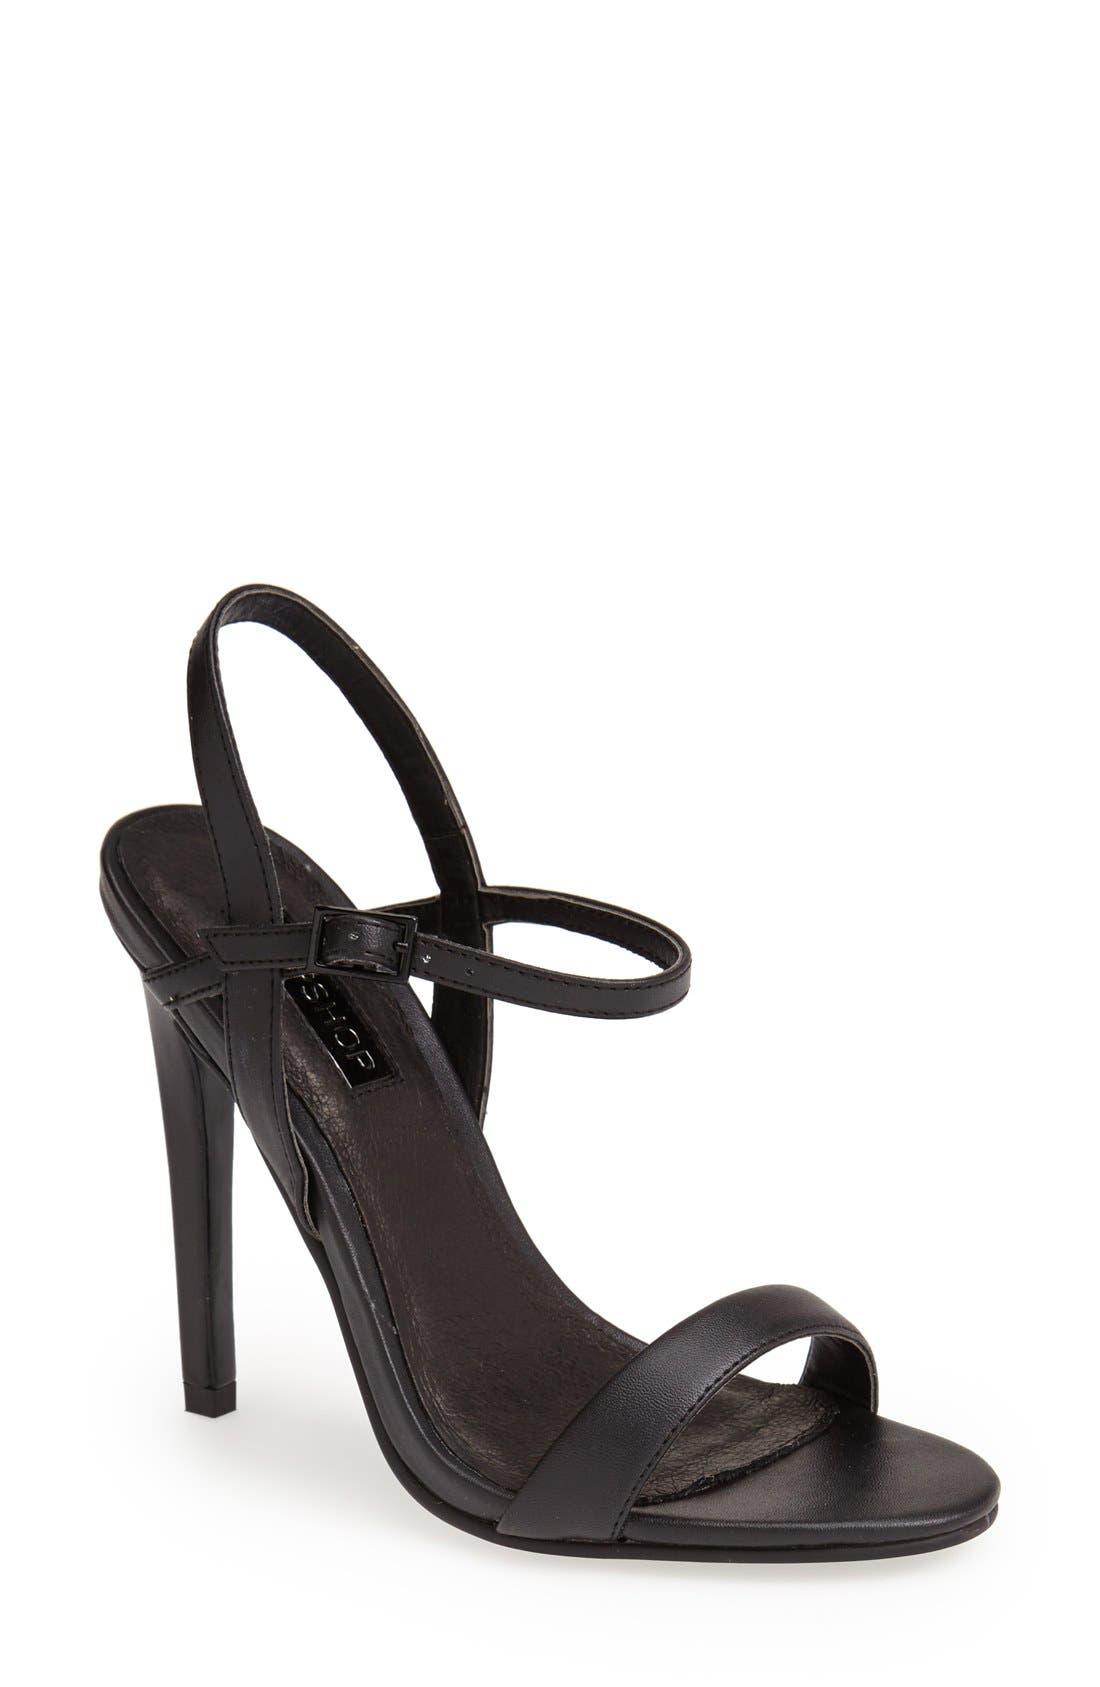 'Rolo' Ankle Strap Sandal,                             Main thumbnail 1, color,                             001